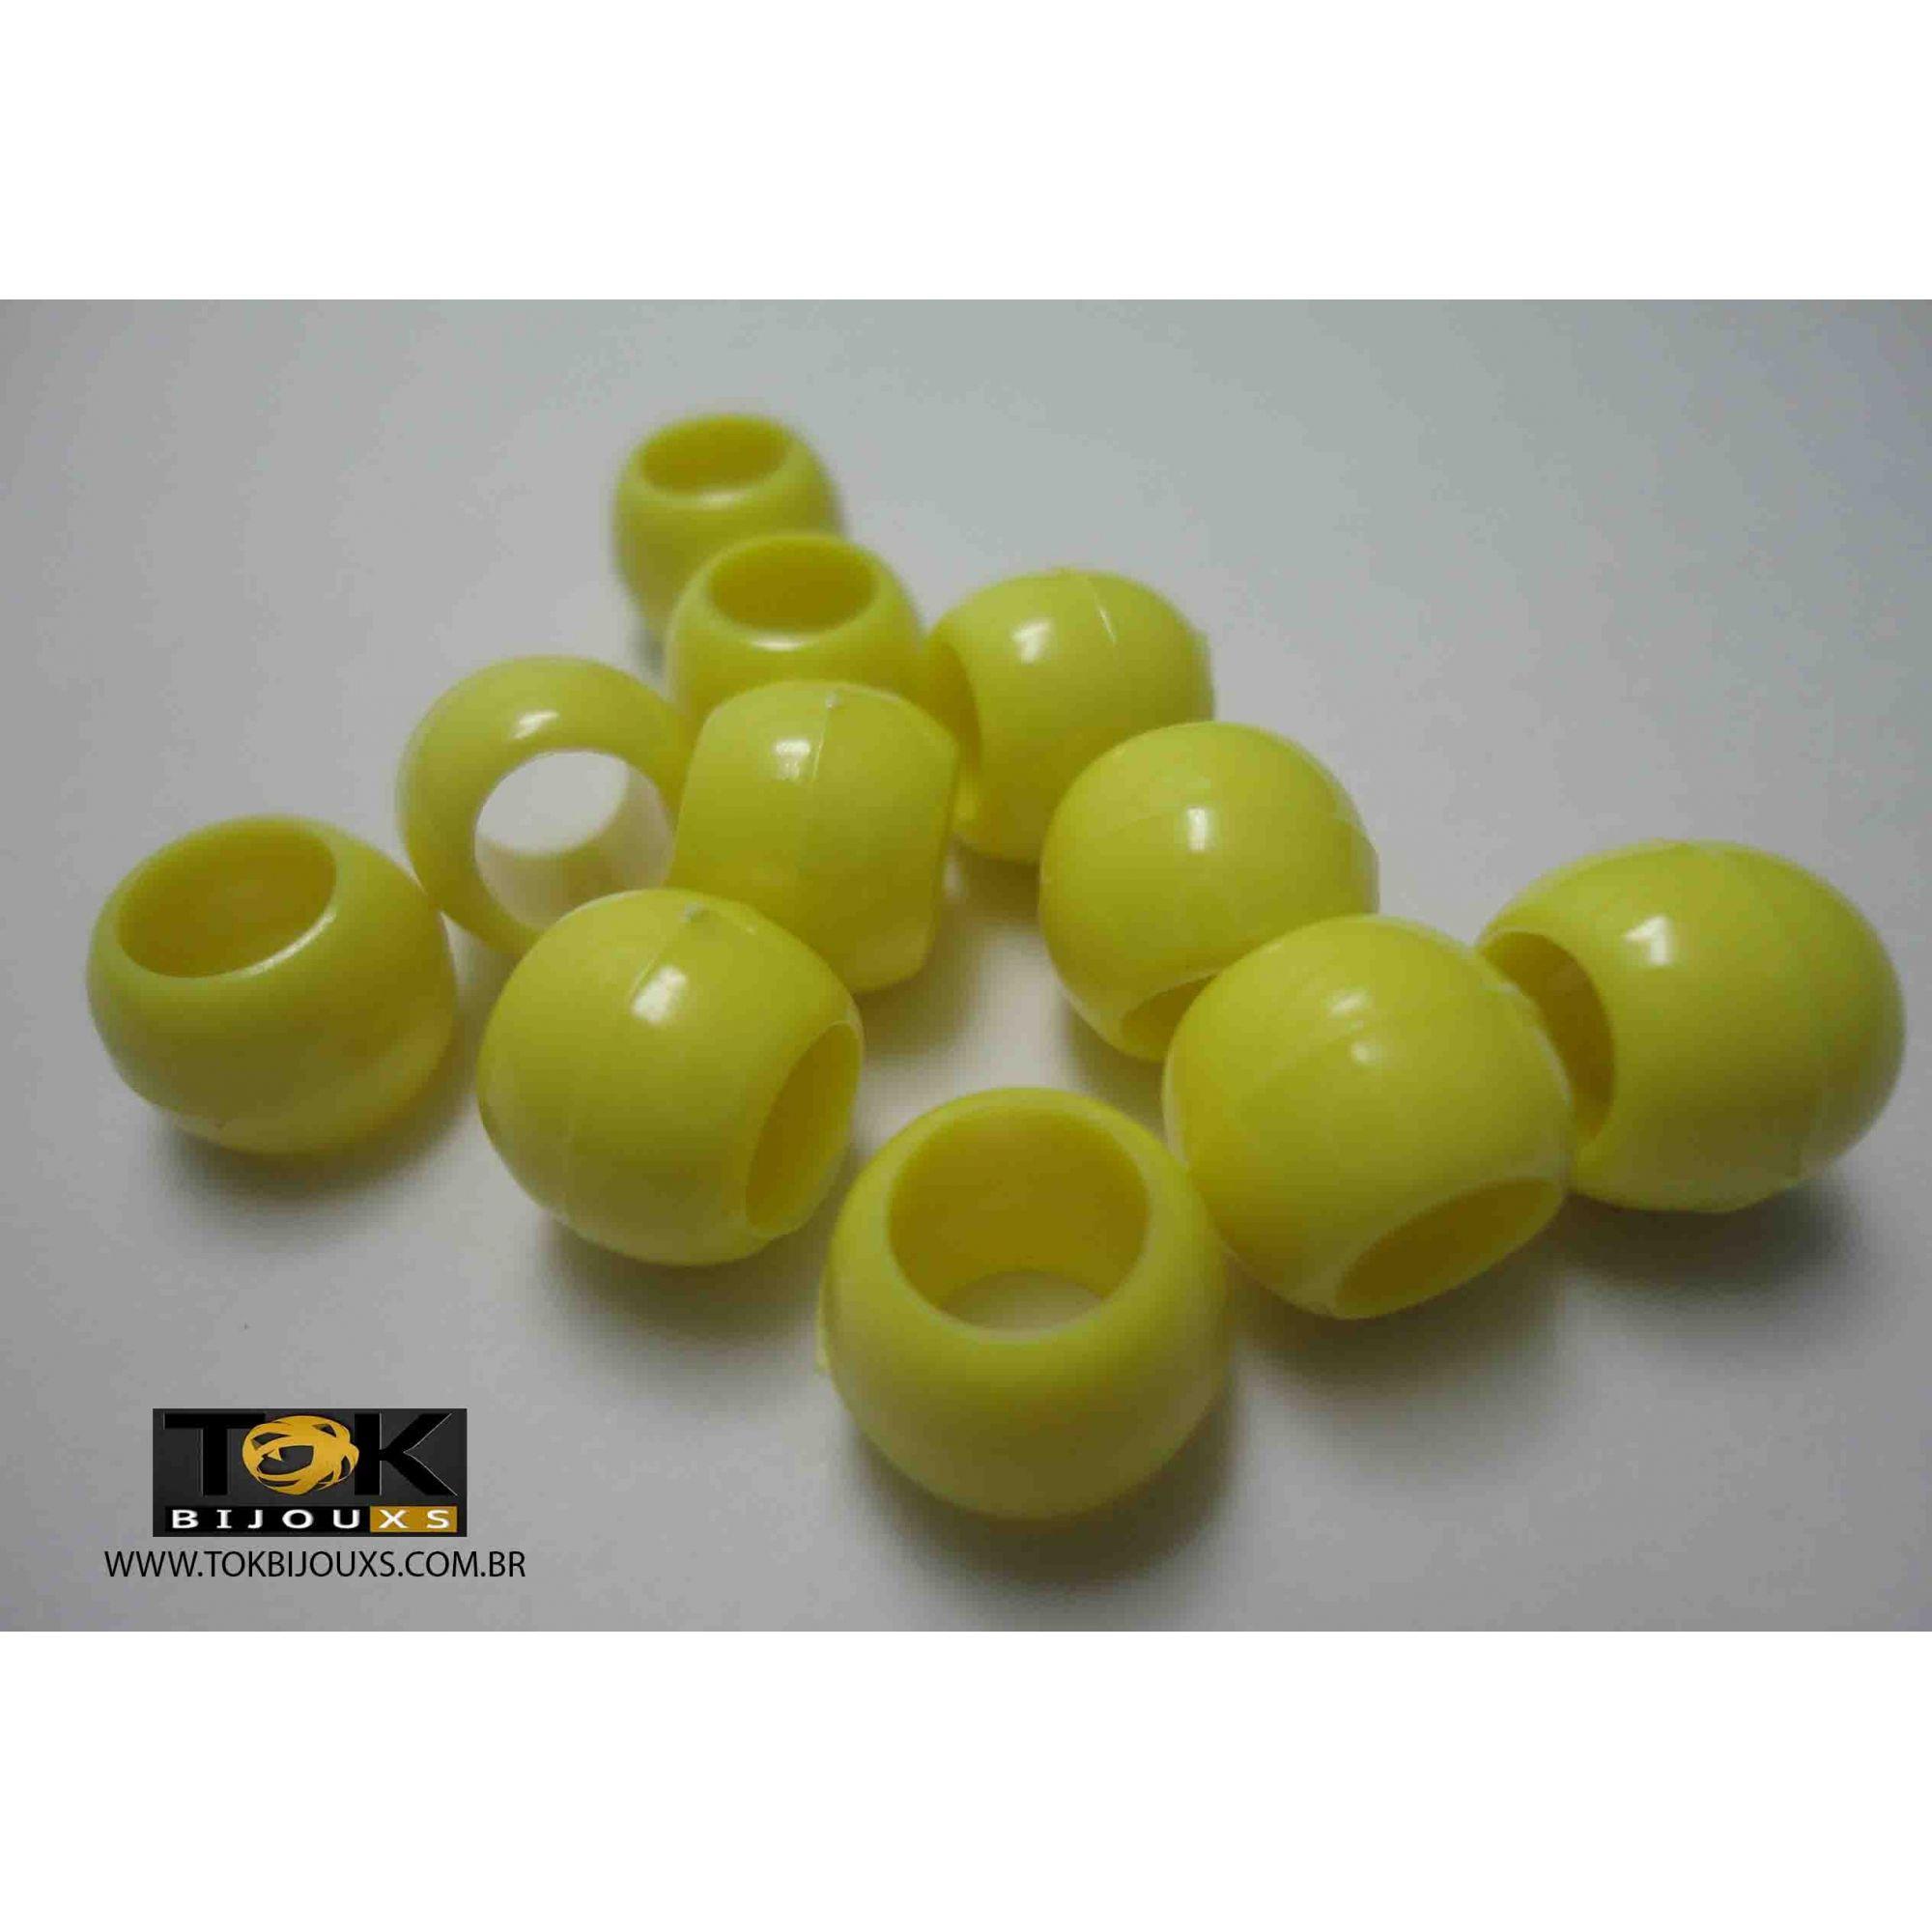 Atacado - Missangão Tererê - Amarelo - 10mm - 500g